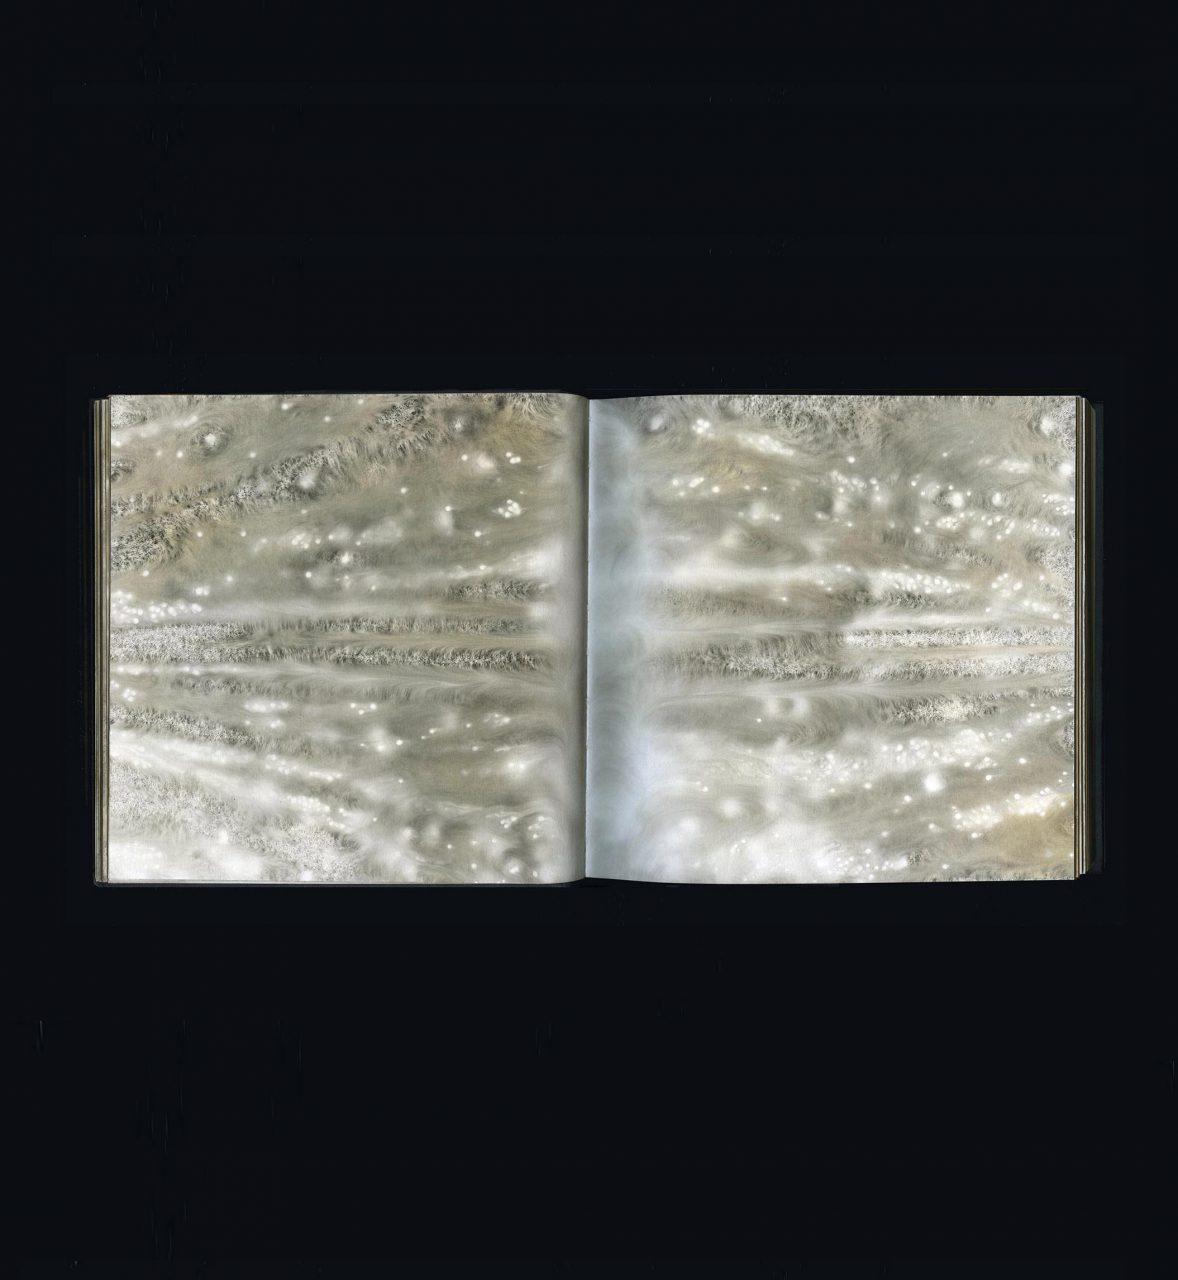 CARBON, sketchbook 2007–17 carbon deposit on bound paper 20.0 x 40.0 cm